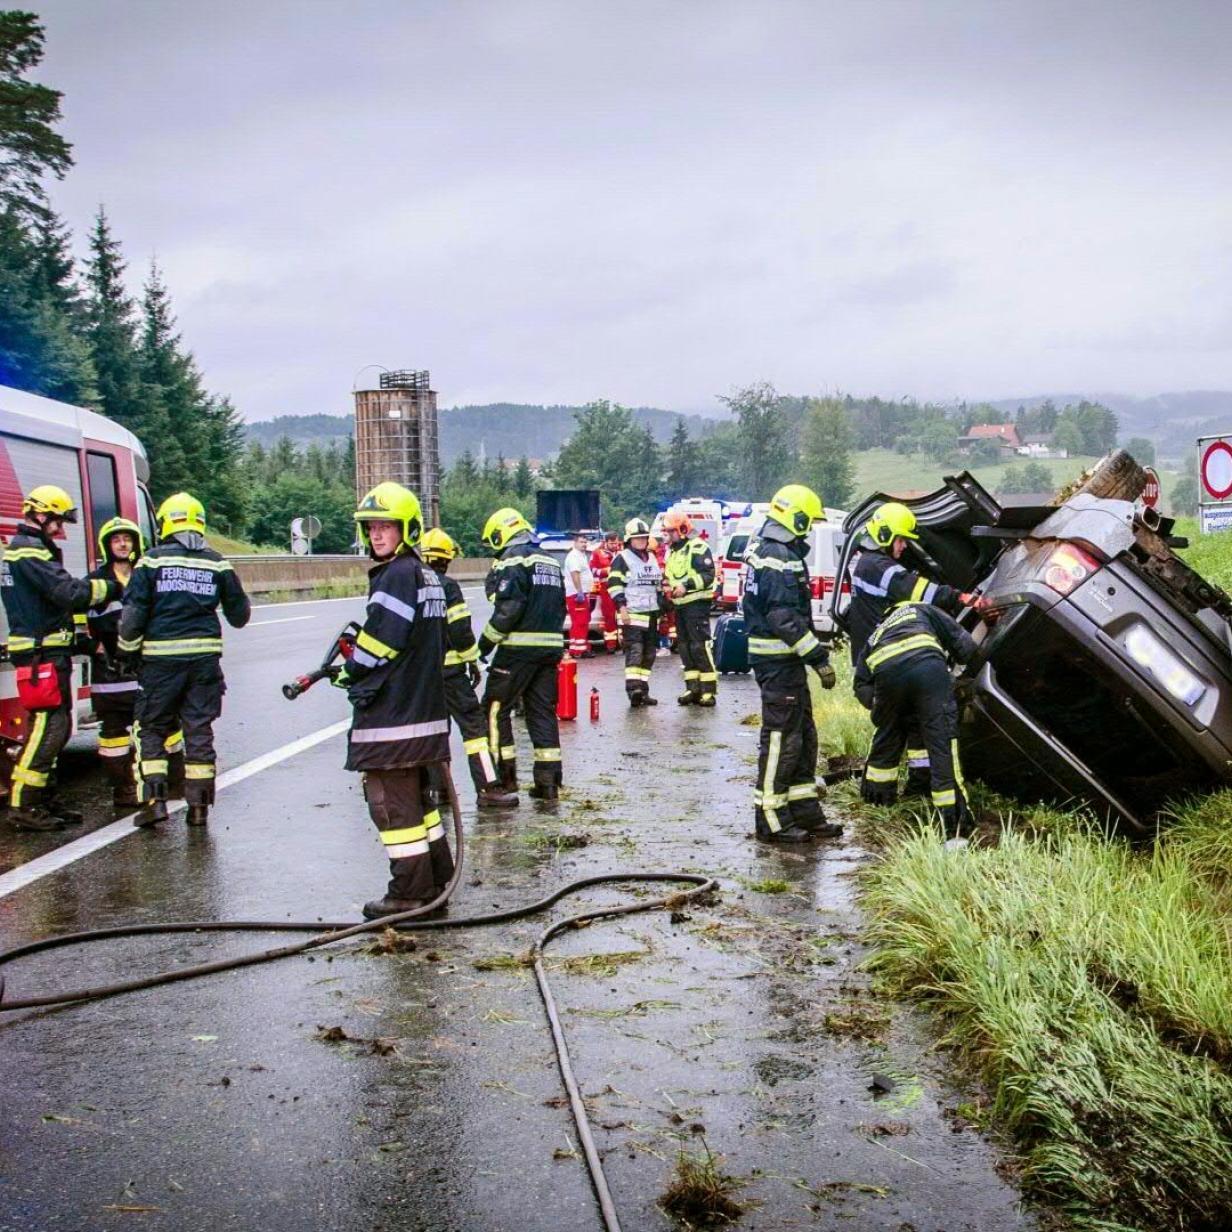 Verkehrsunfälle kosten jährlich mehr als 300 Millionen Euro